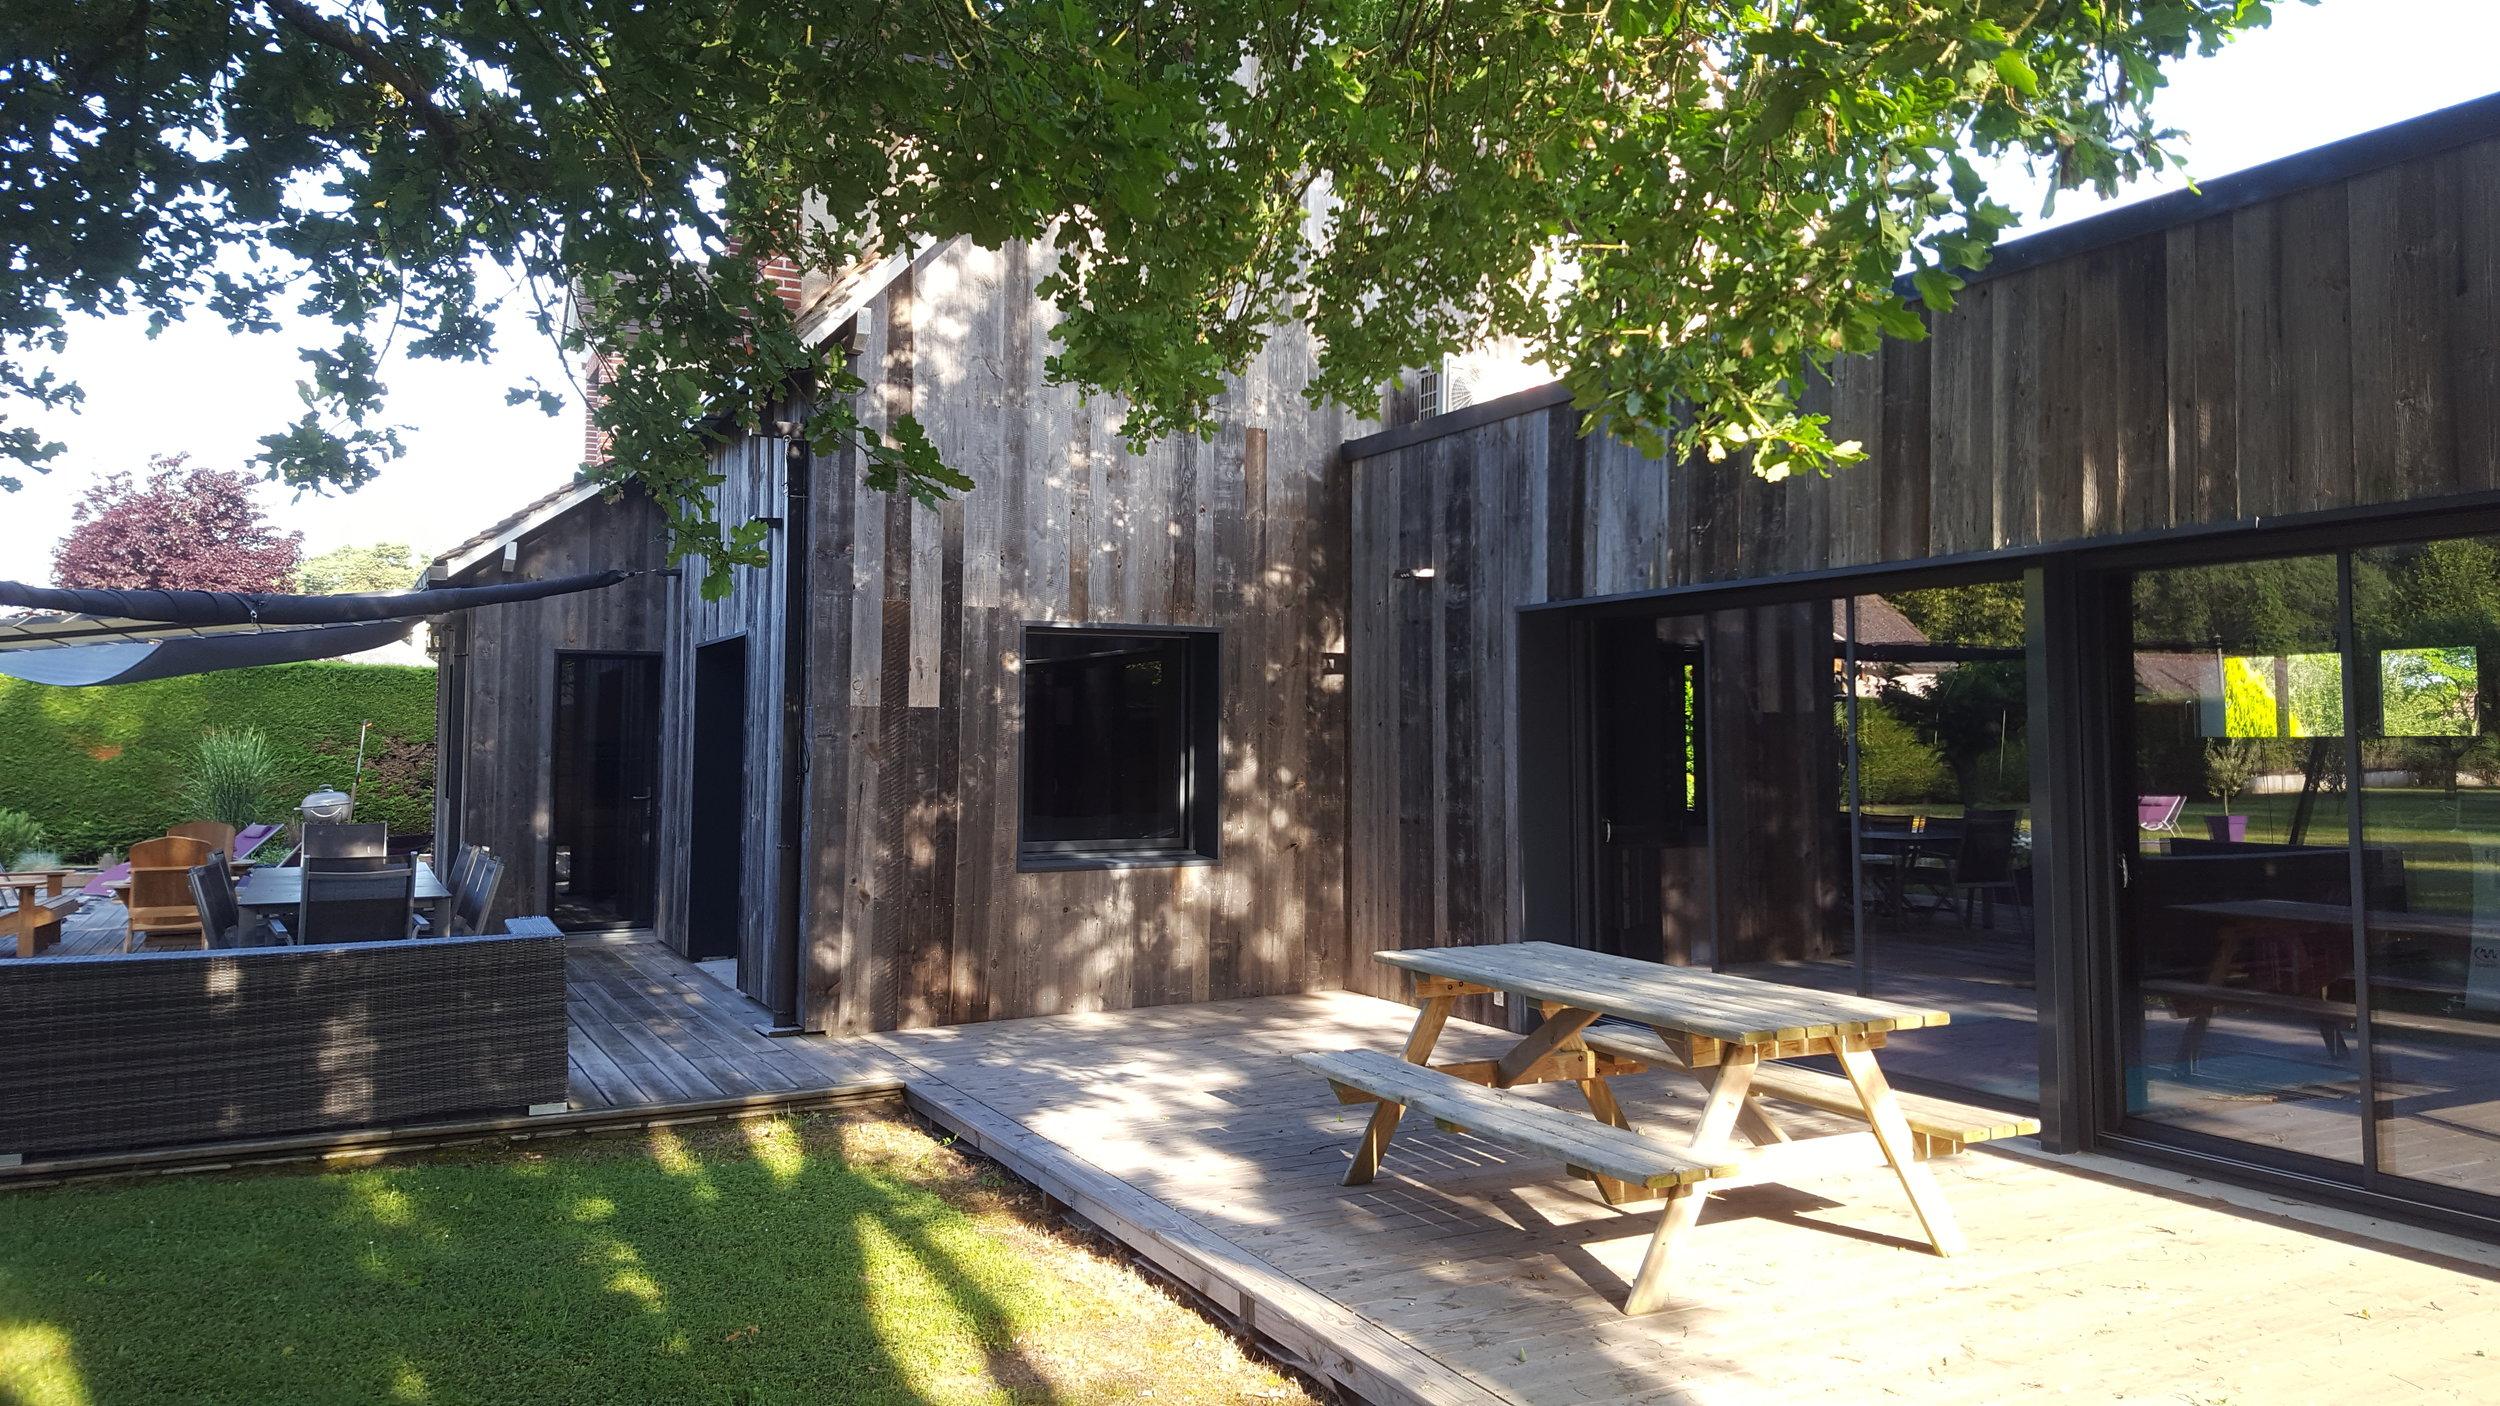 Constructeur Maison En Bois Loir Et Cher néomenuiserienÉomenuiserie bÂtisseurs de maisons bois